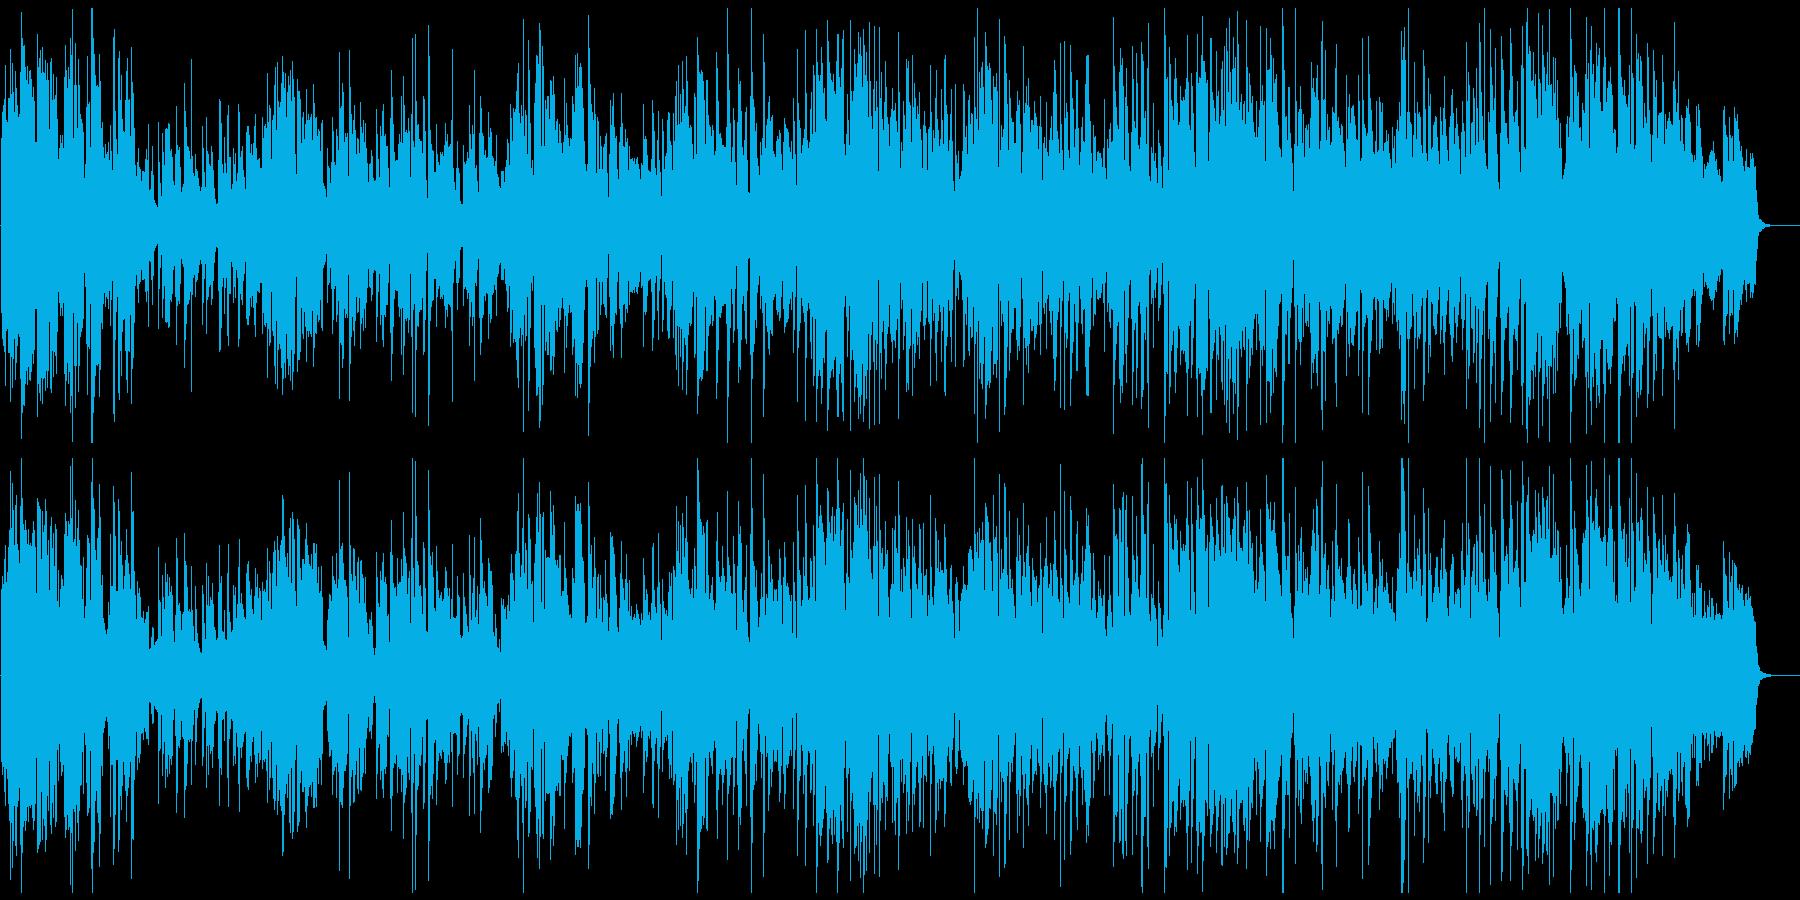 サックス、オルガン、ドラムのジャズトリオの再生済みの波形